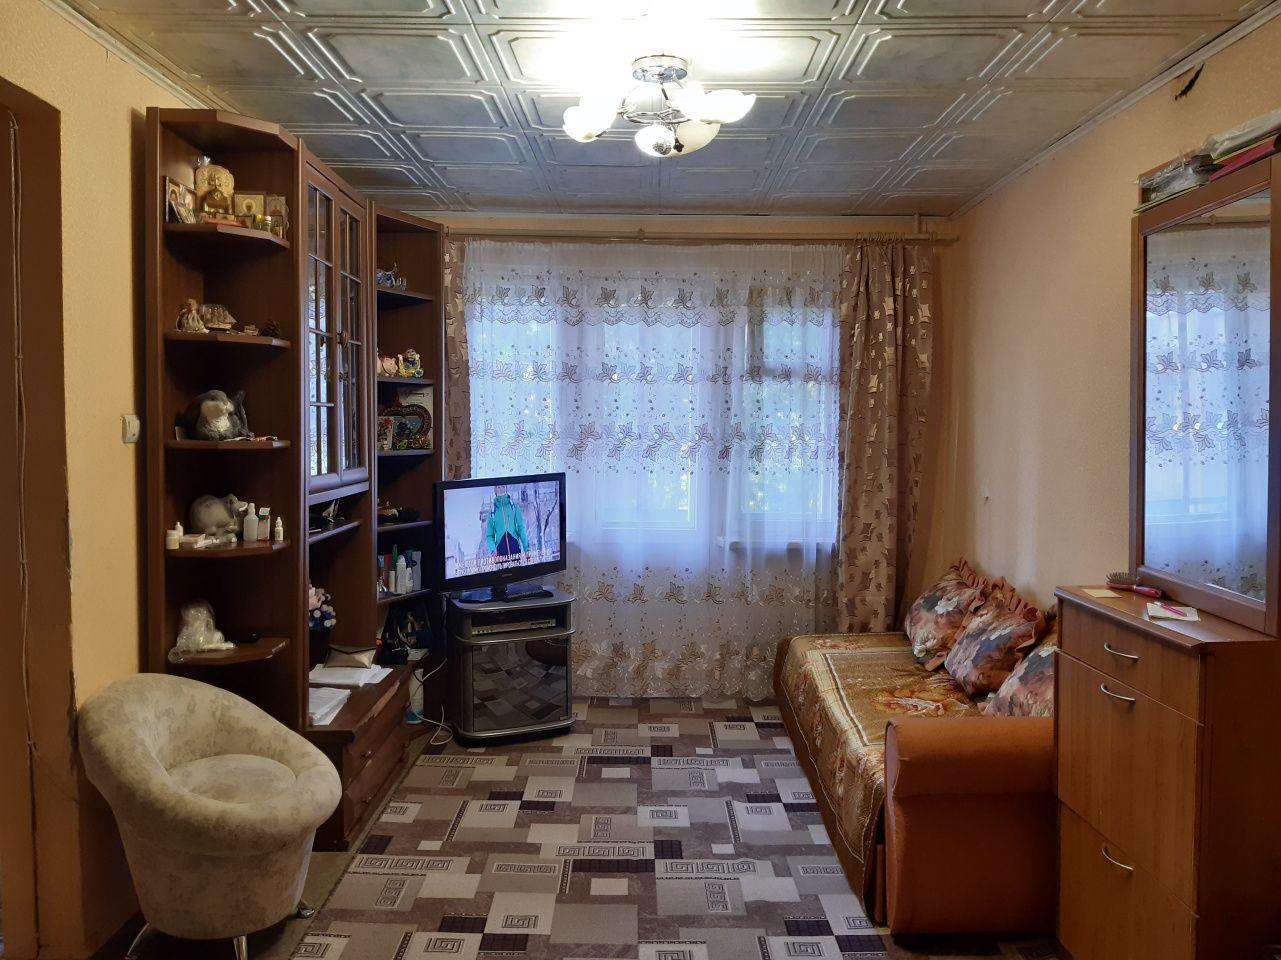 г. Владимир, Белоконской ул., 15, 1-к. квартира на продажу